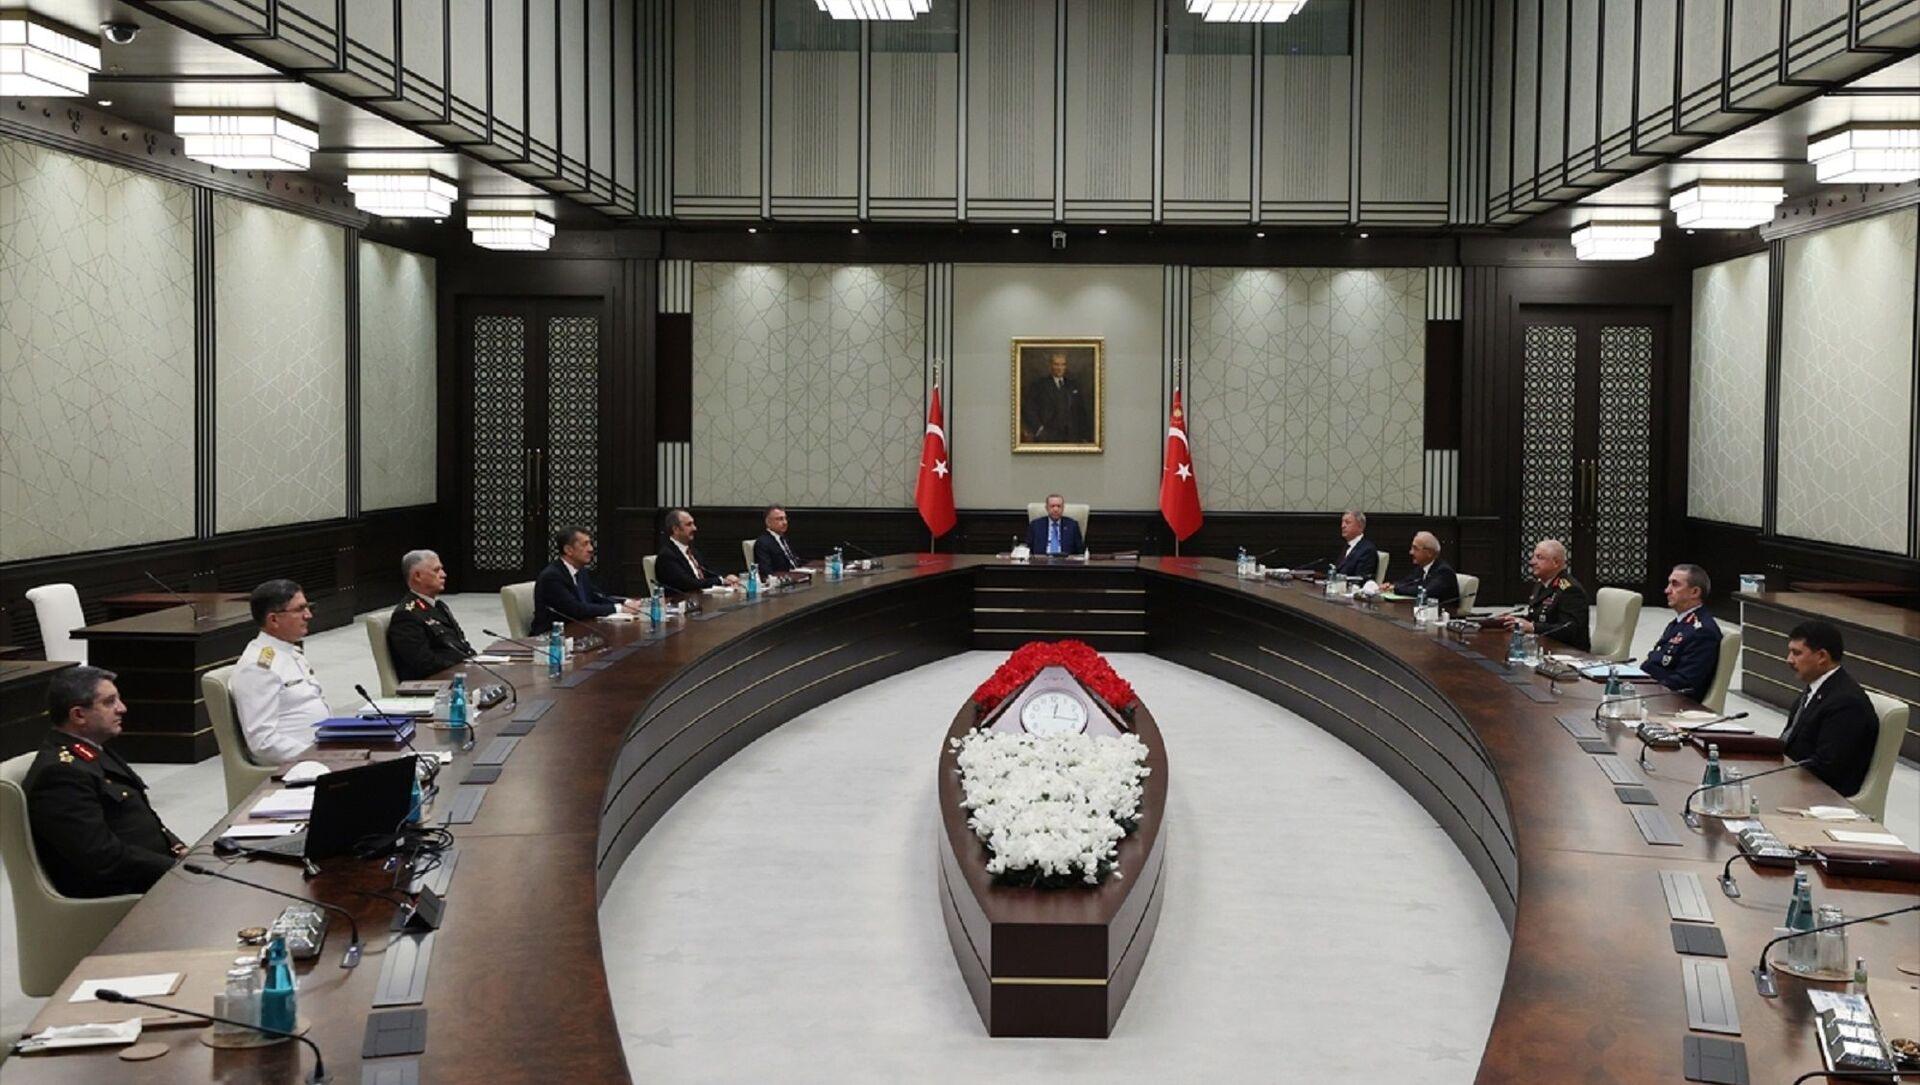 Cumhurbaşkanı Recep Tayyip Erdoğan başkanlığındaki Yüksek Askeri Şura (YAŞ) toplantısı başladı.  - Sputnik Türkiye, 1920, 06.08.2021